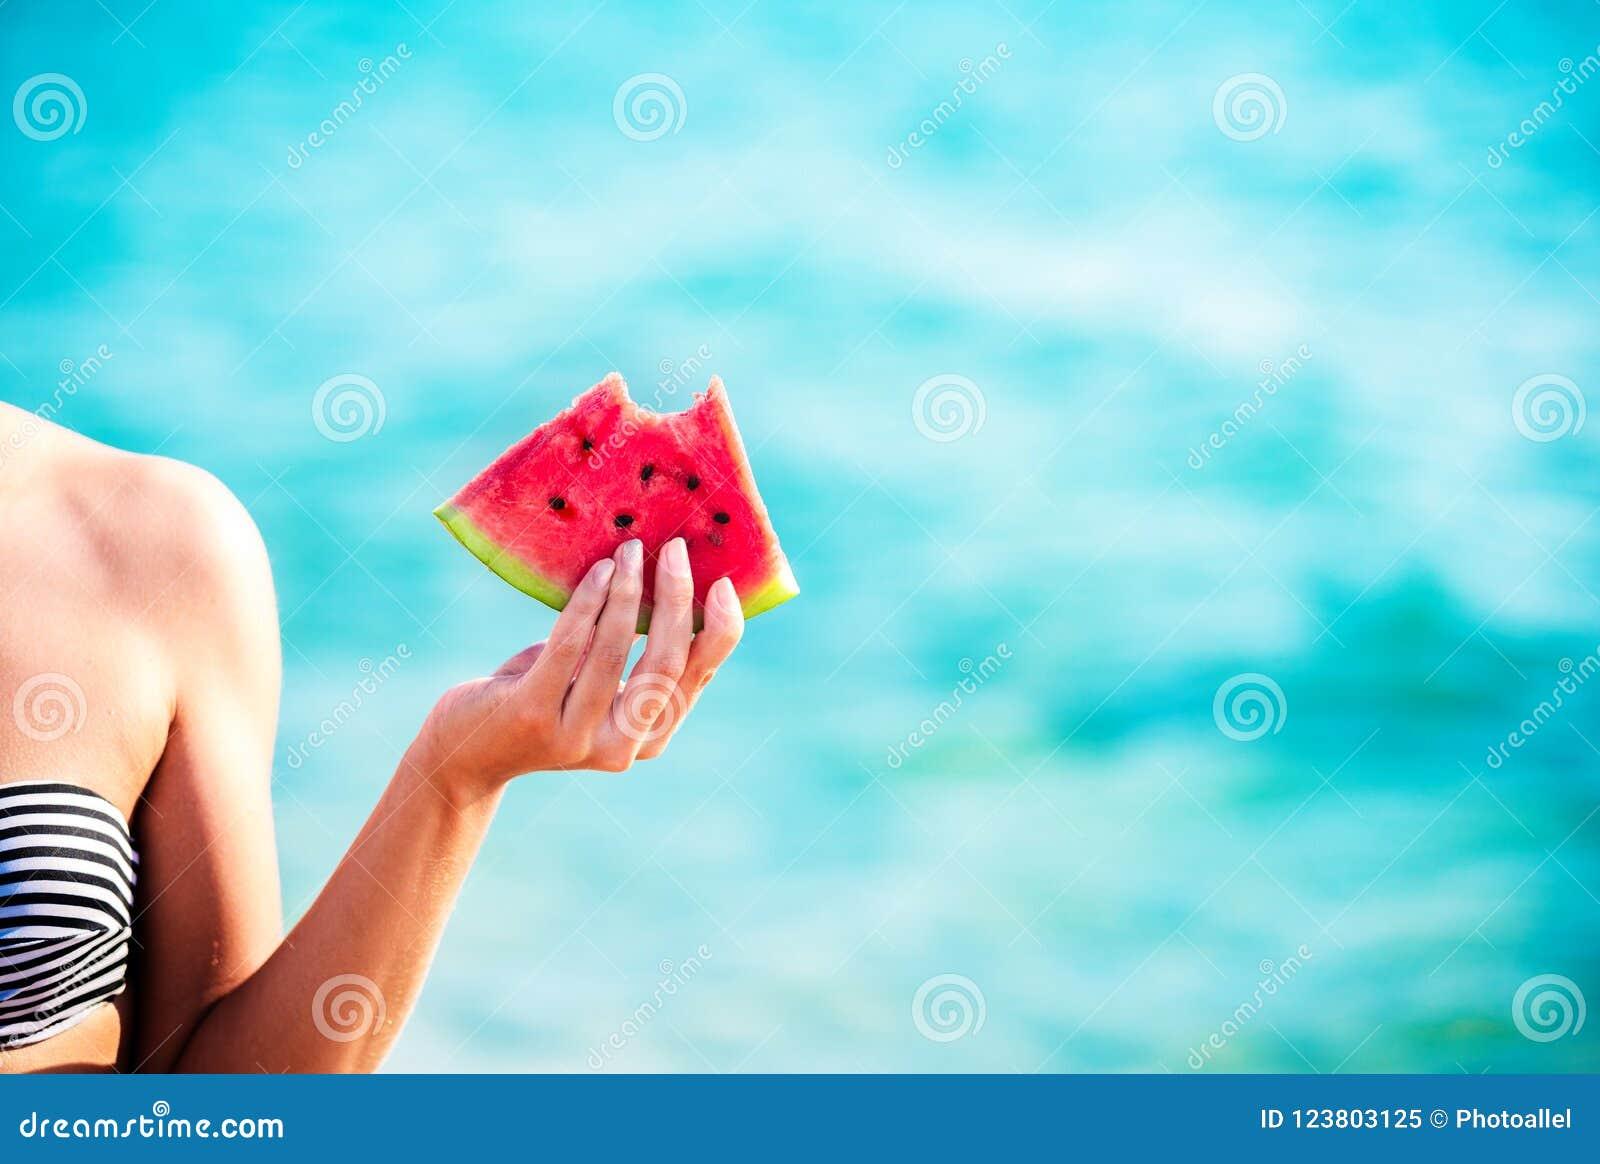 Arbuza plasterek w kobiecie oddawał morze - POV Lata plażowy pojęcie Tropikalnej owoc dieta